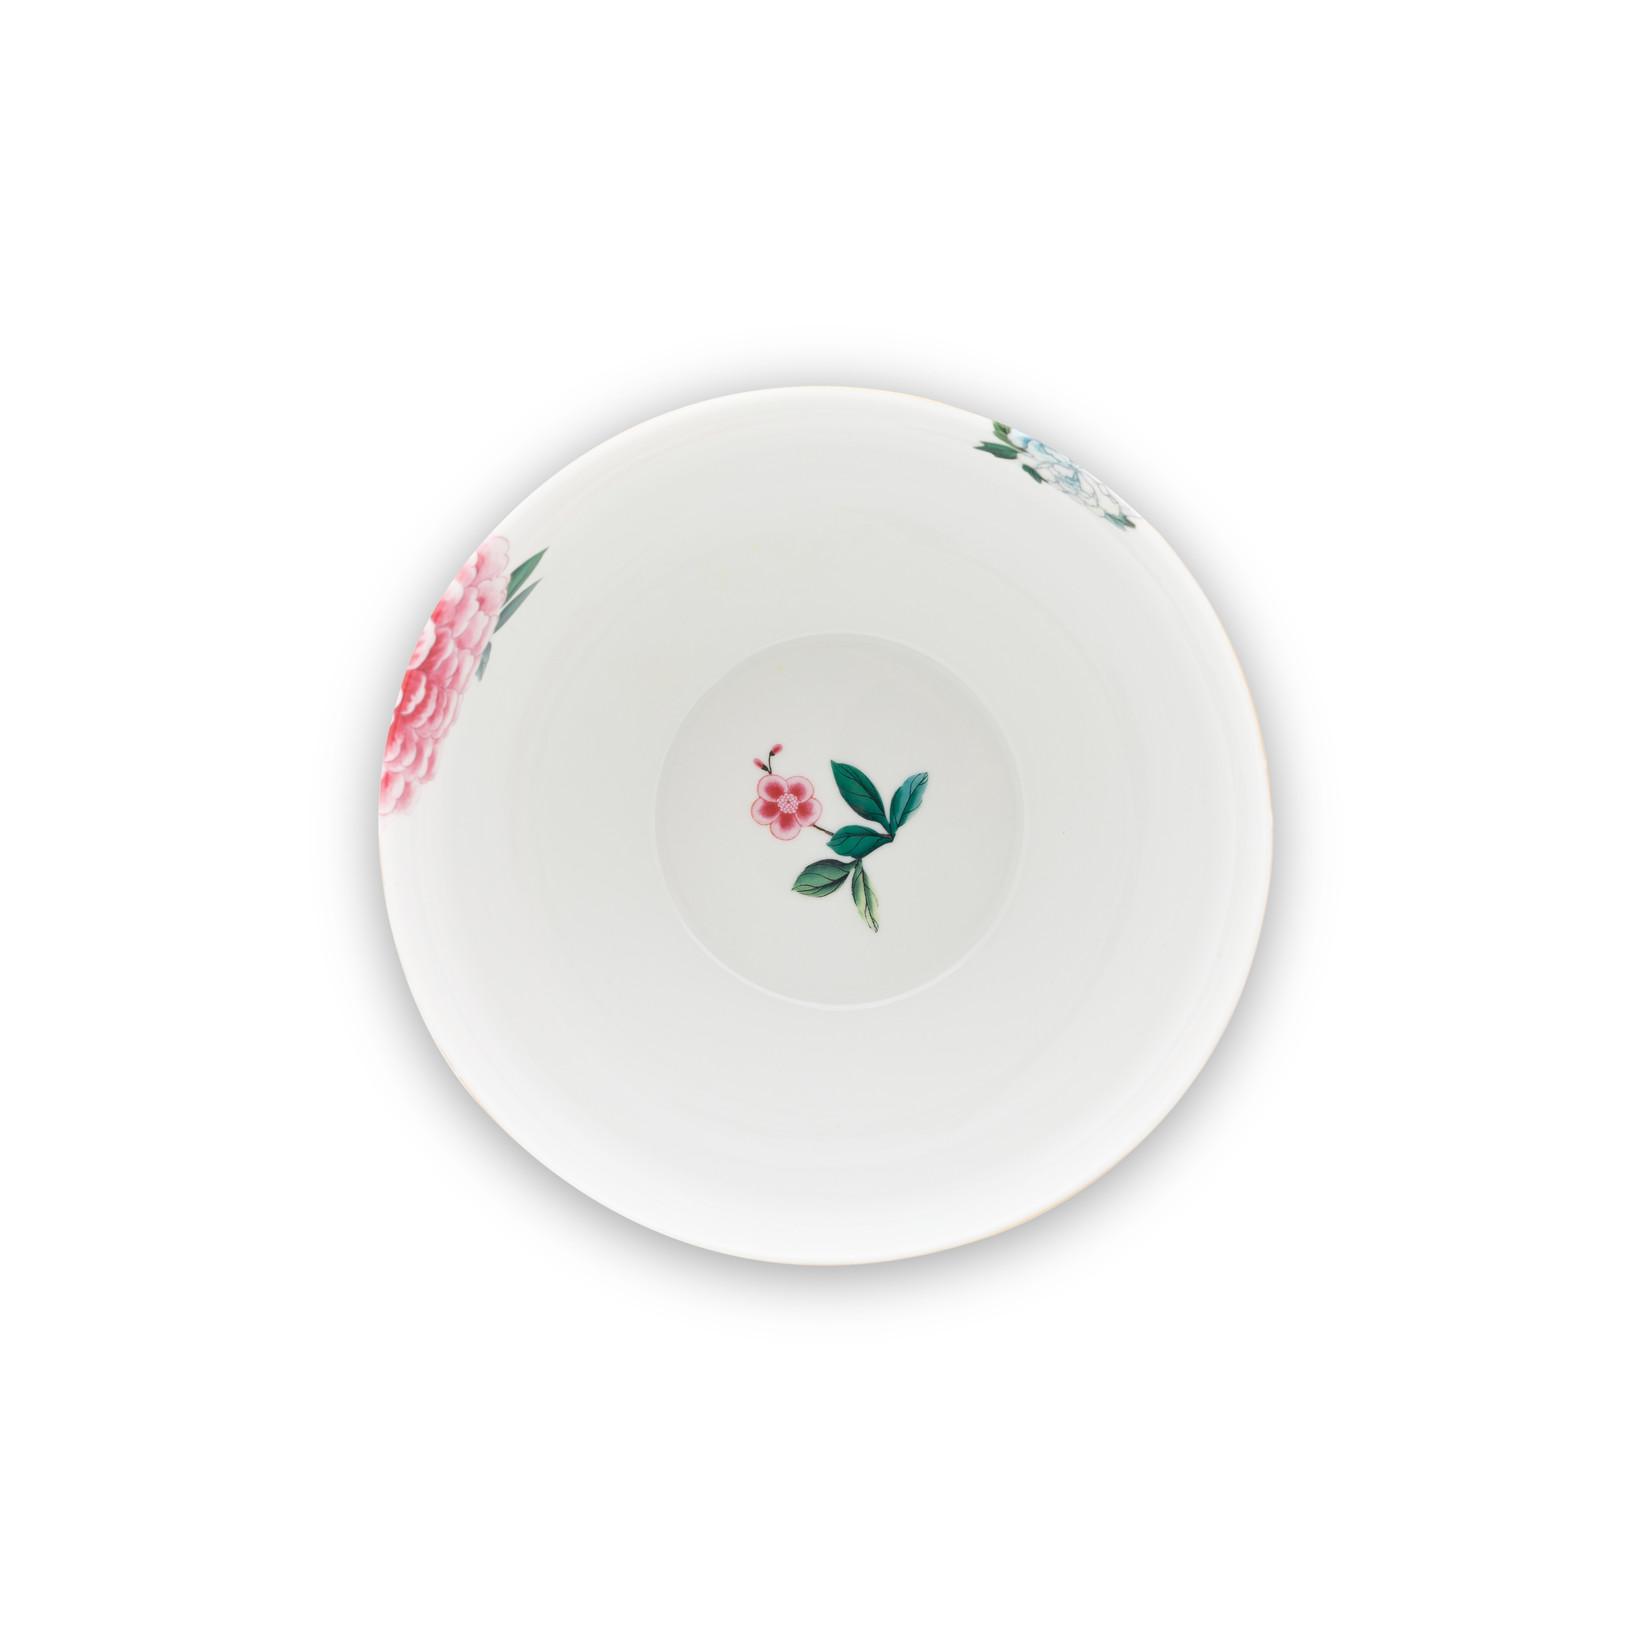 PIP Studio Bowl Blushing Birds White 23cm